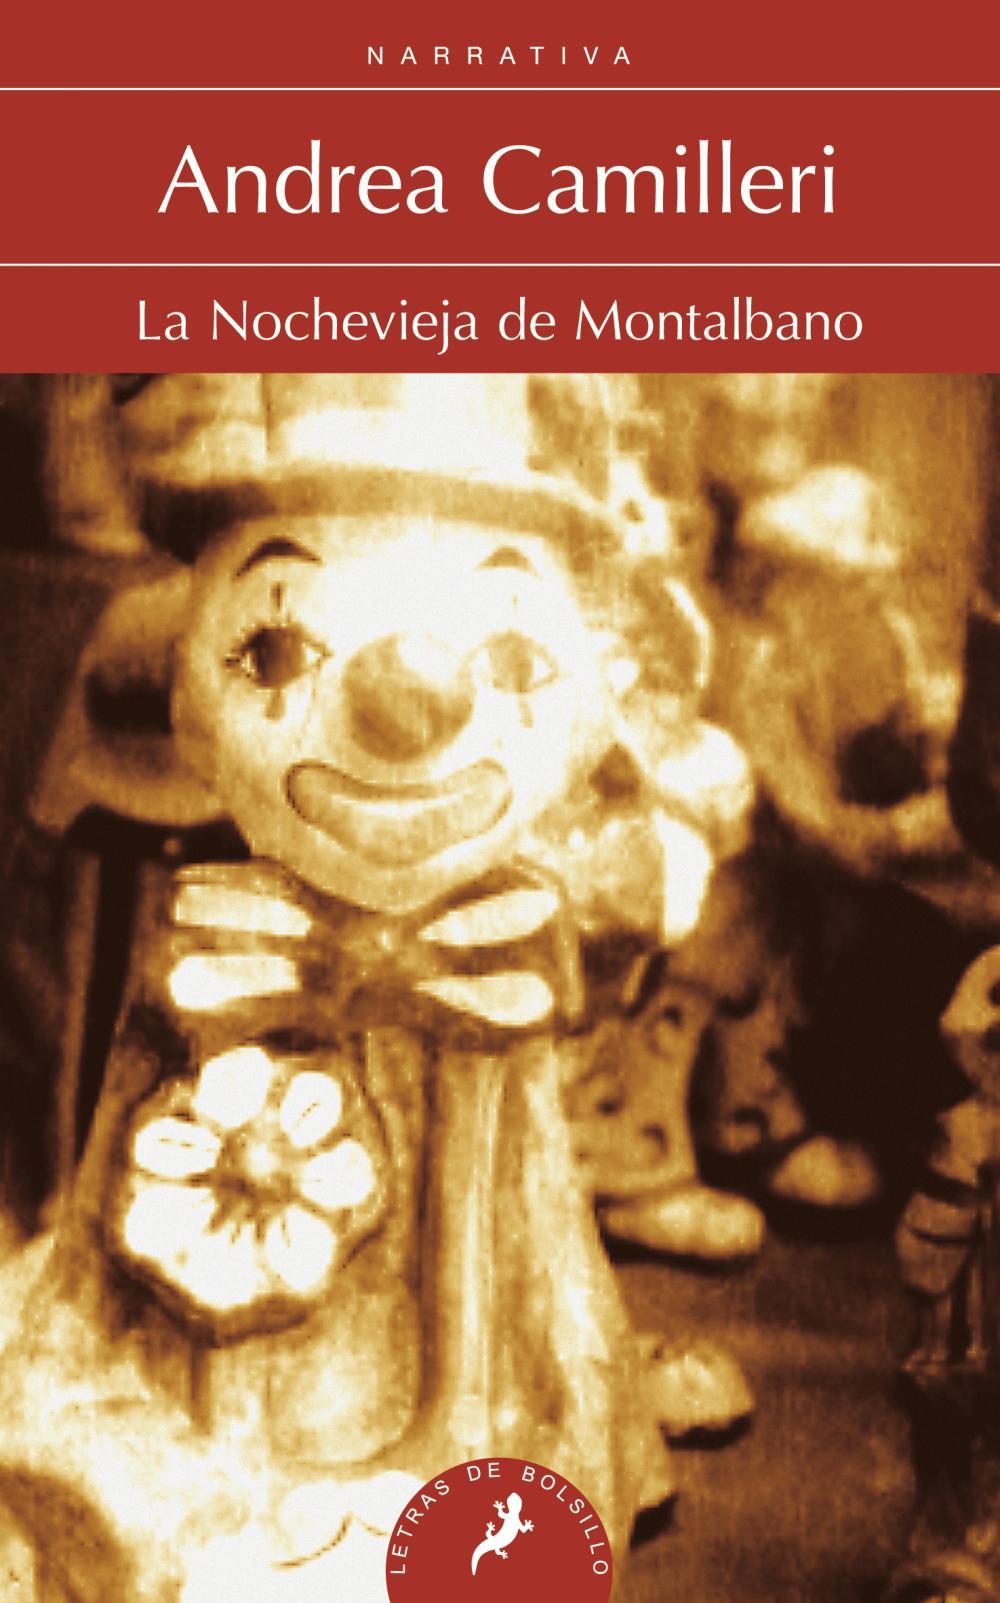 La nochevieja de Montalbano (Comisario Montalbano 6)